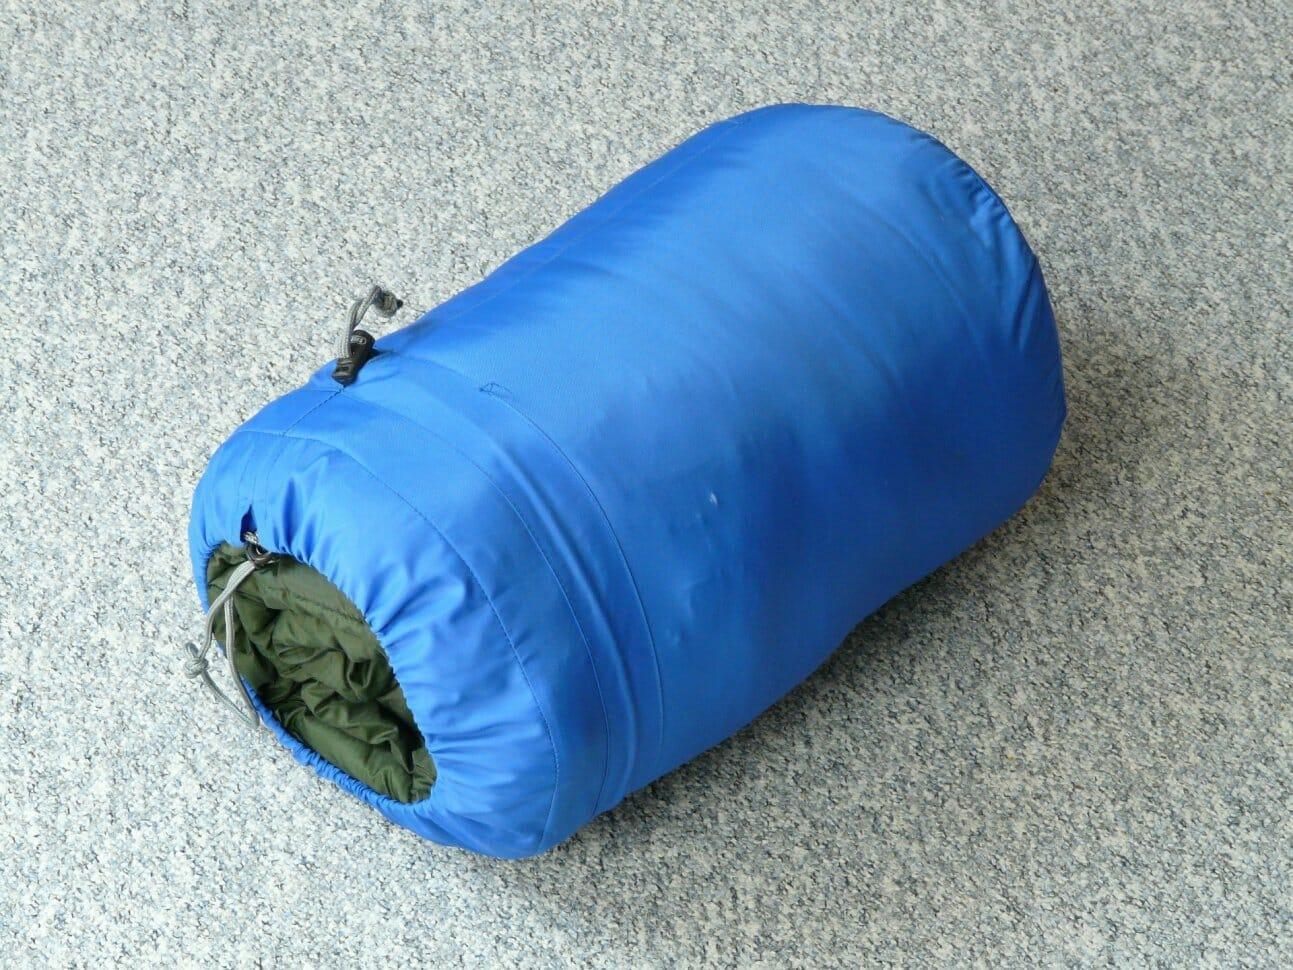 На дно рюкзака укладывается спальный мешок